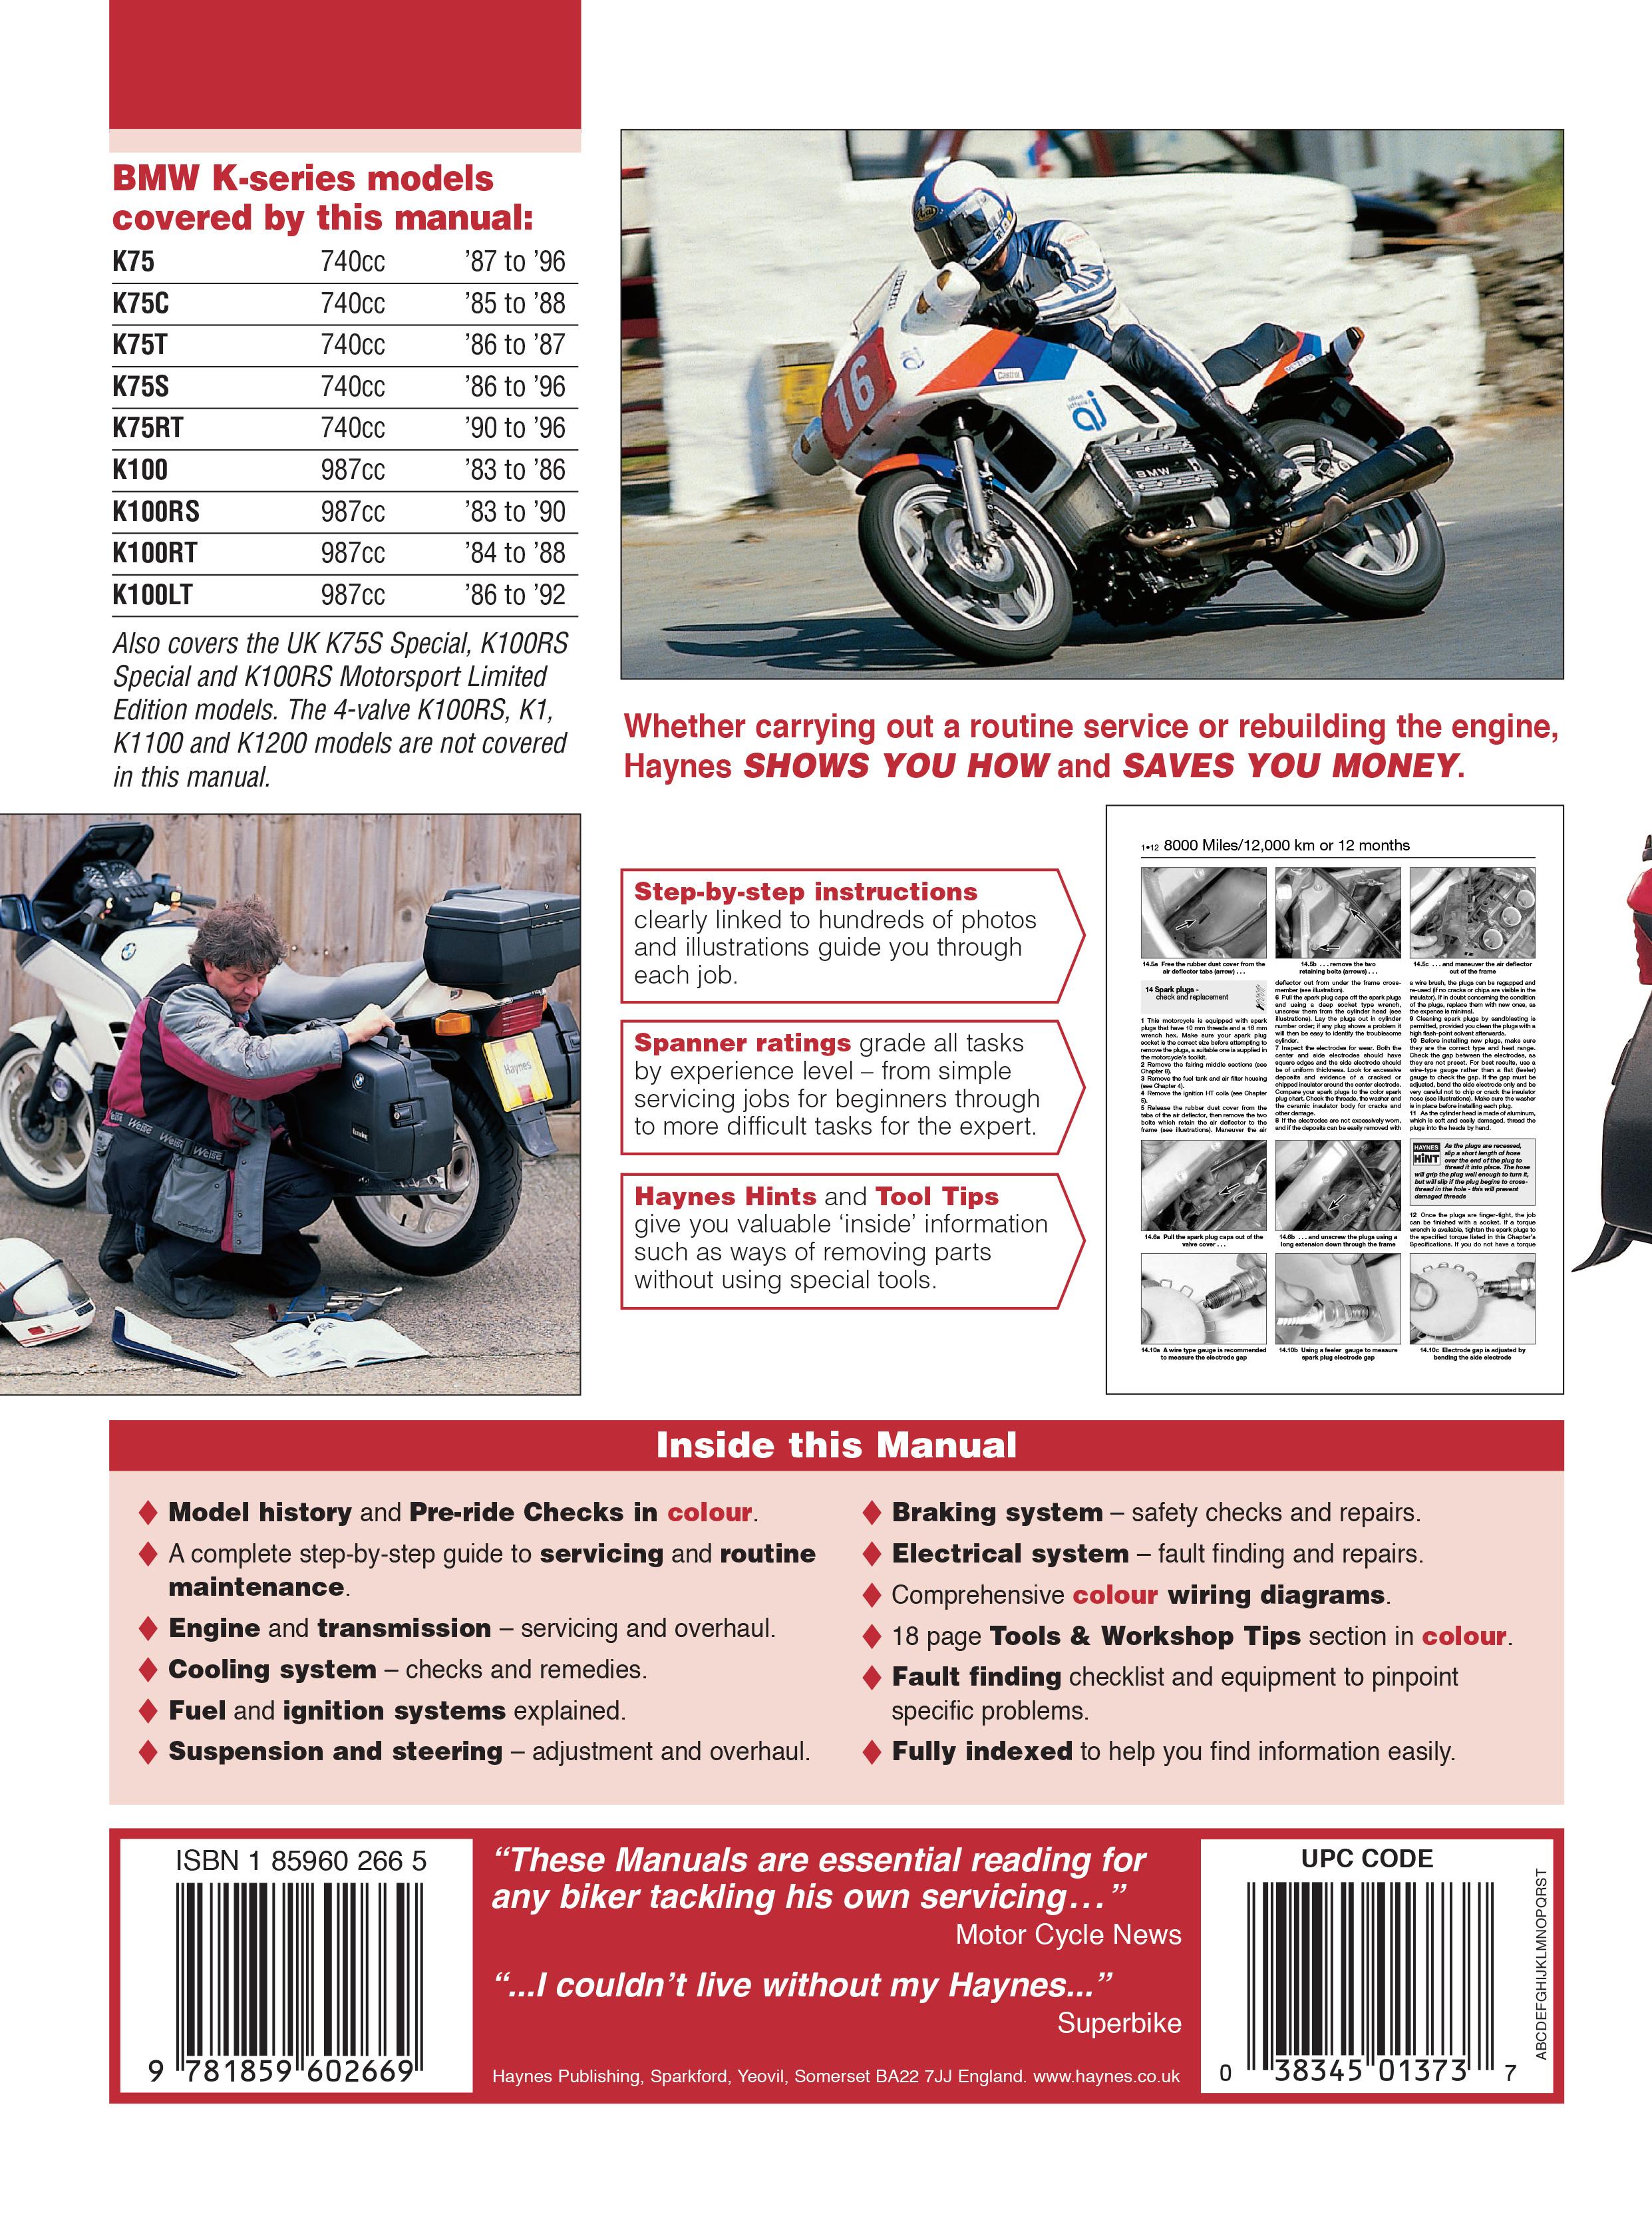 bmw k100 2-valve (83-92) & k75 (85-96) haynes repair manual